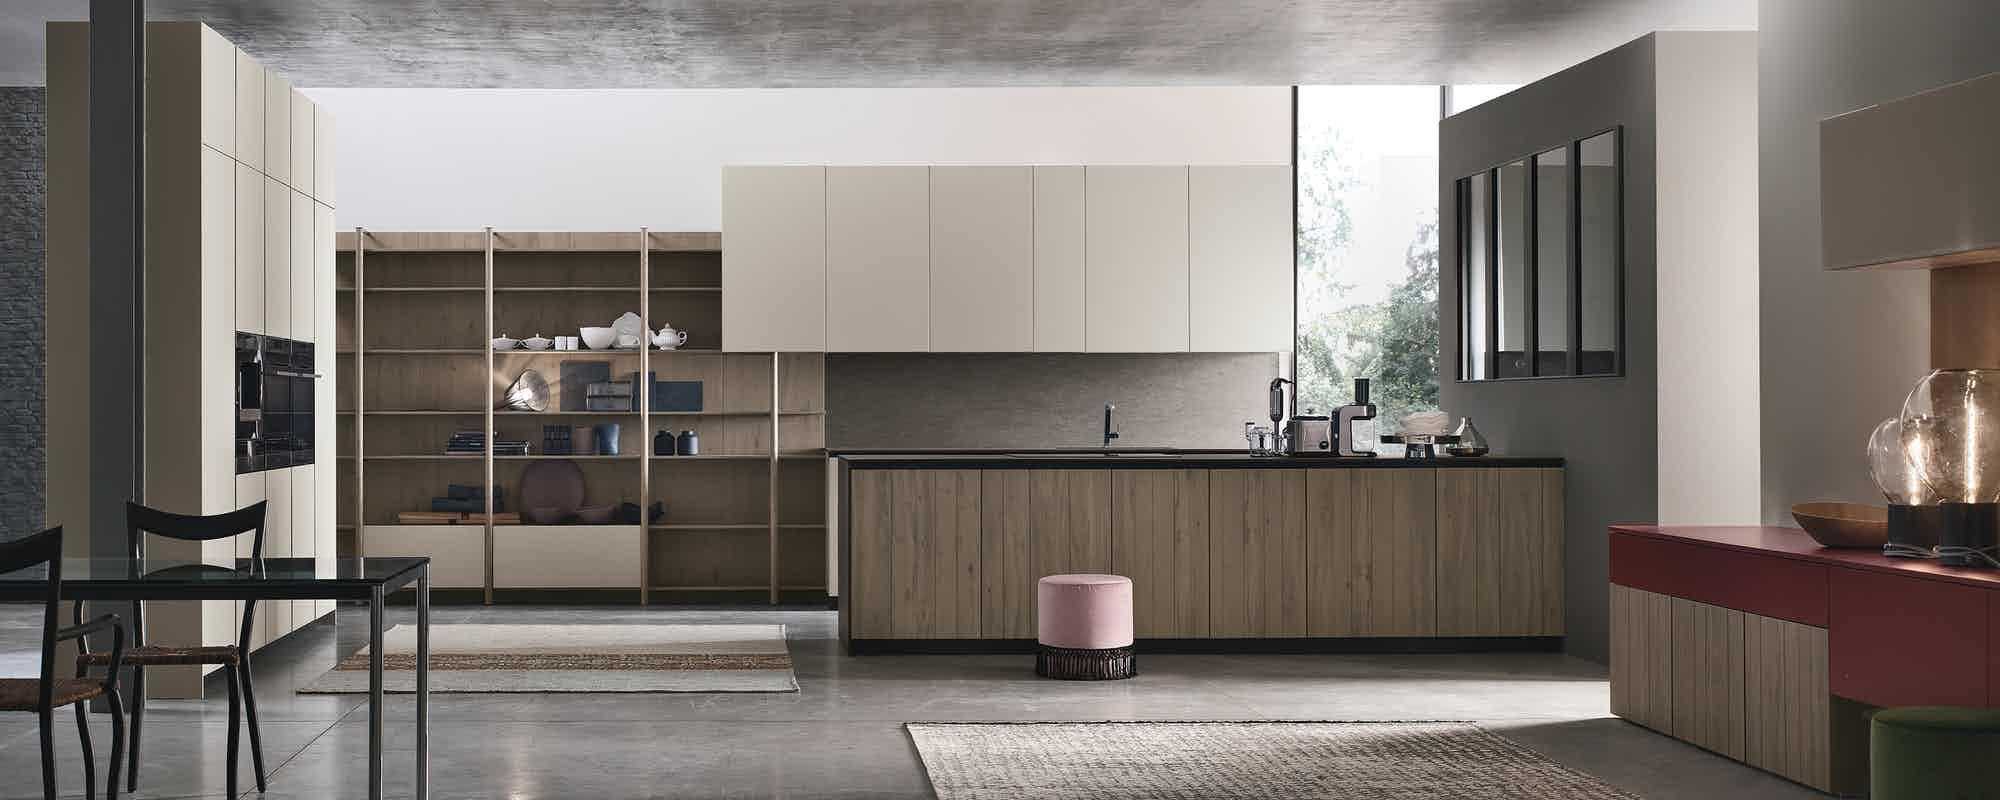 Cucine Moderne – Brennero Case Stili di Maistri Arreda Srl